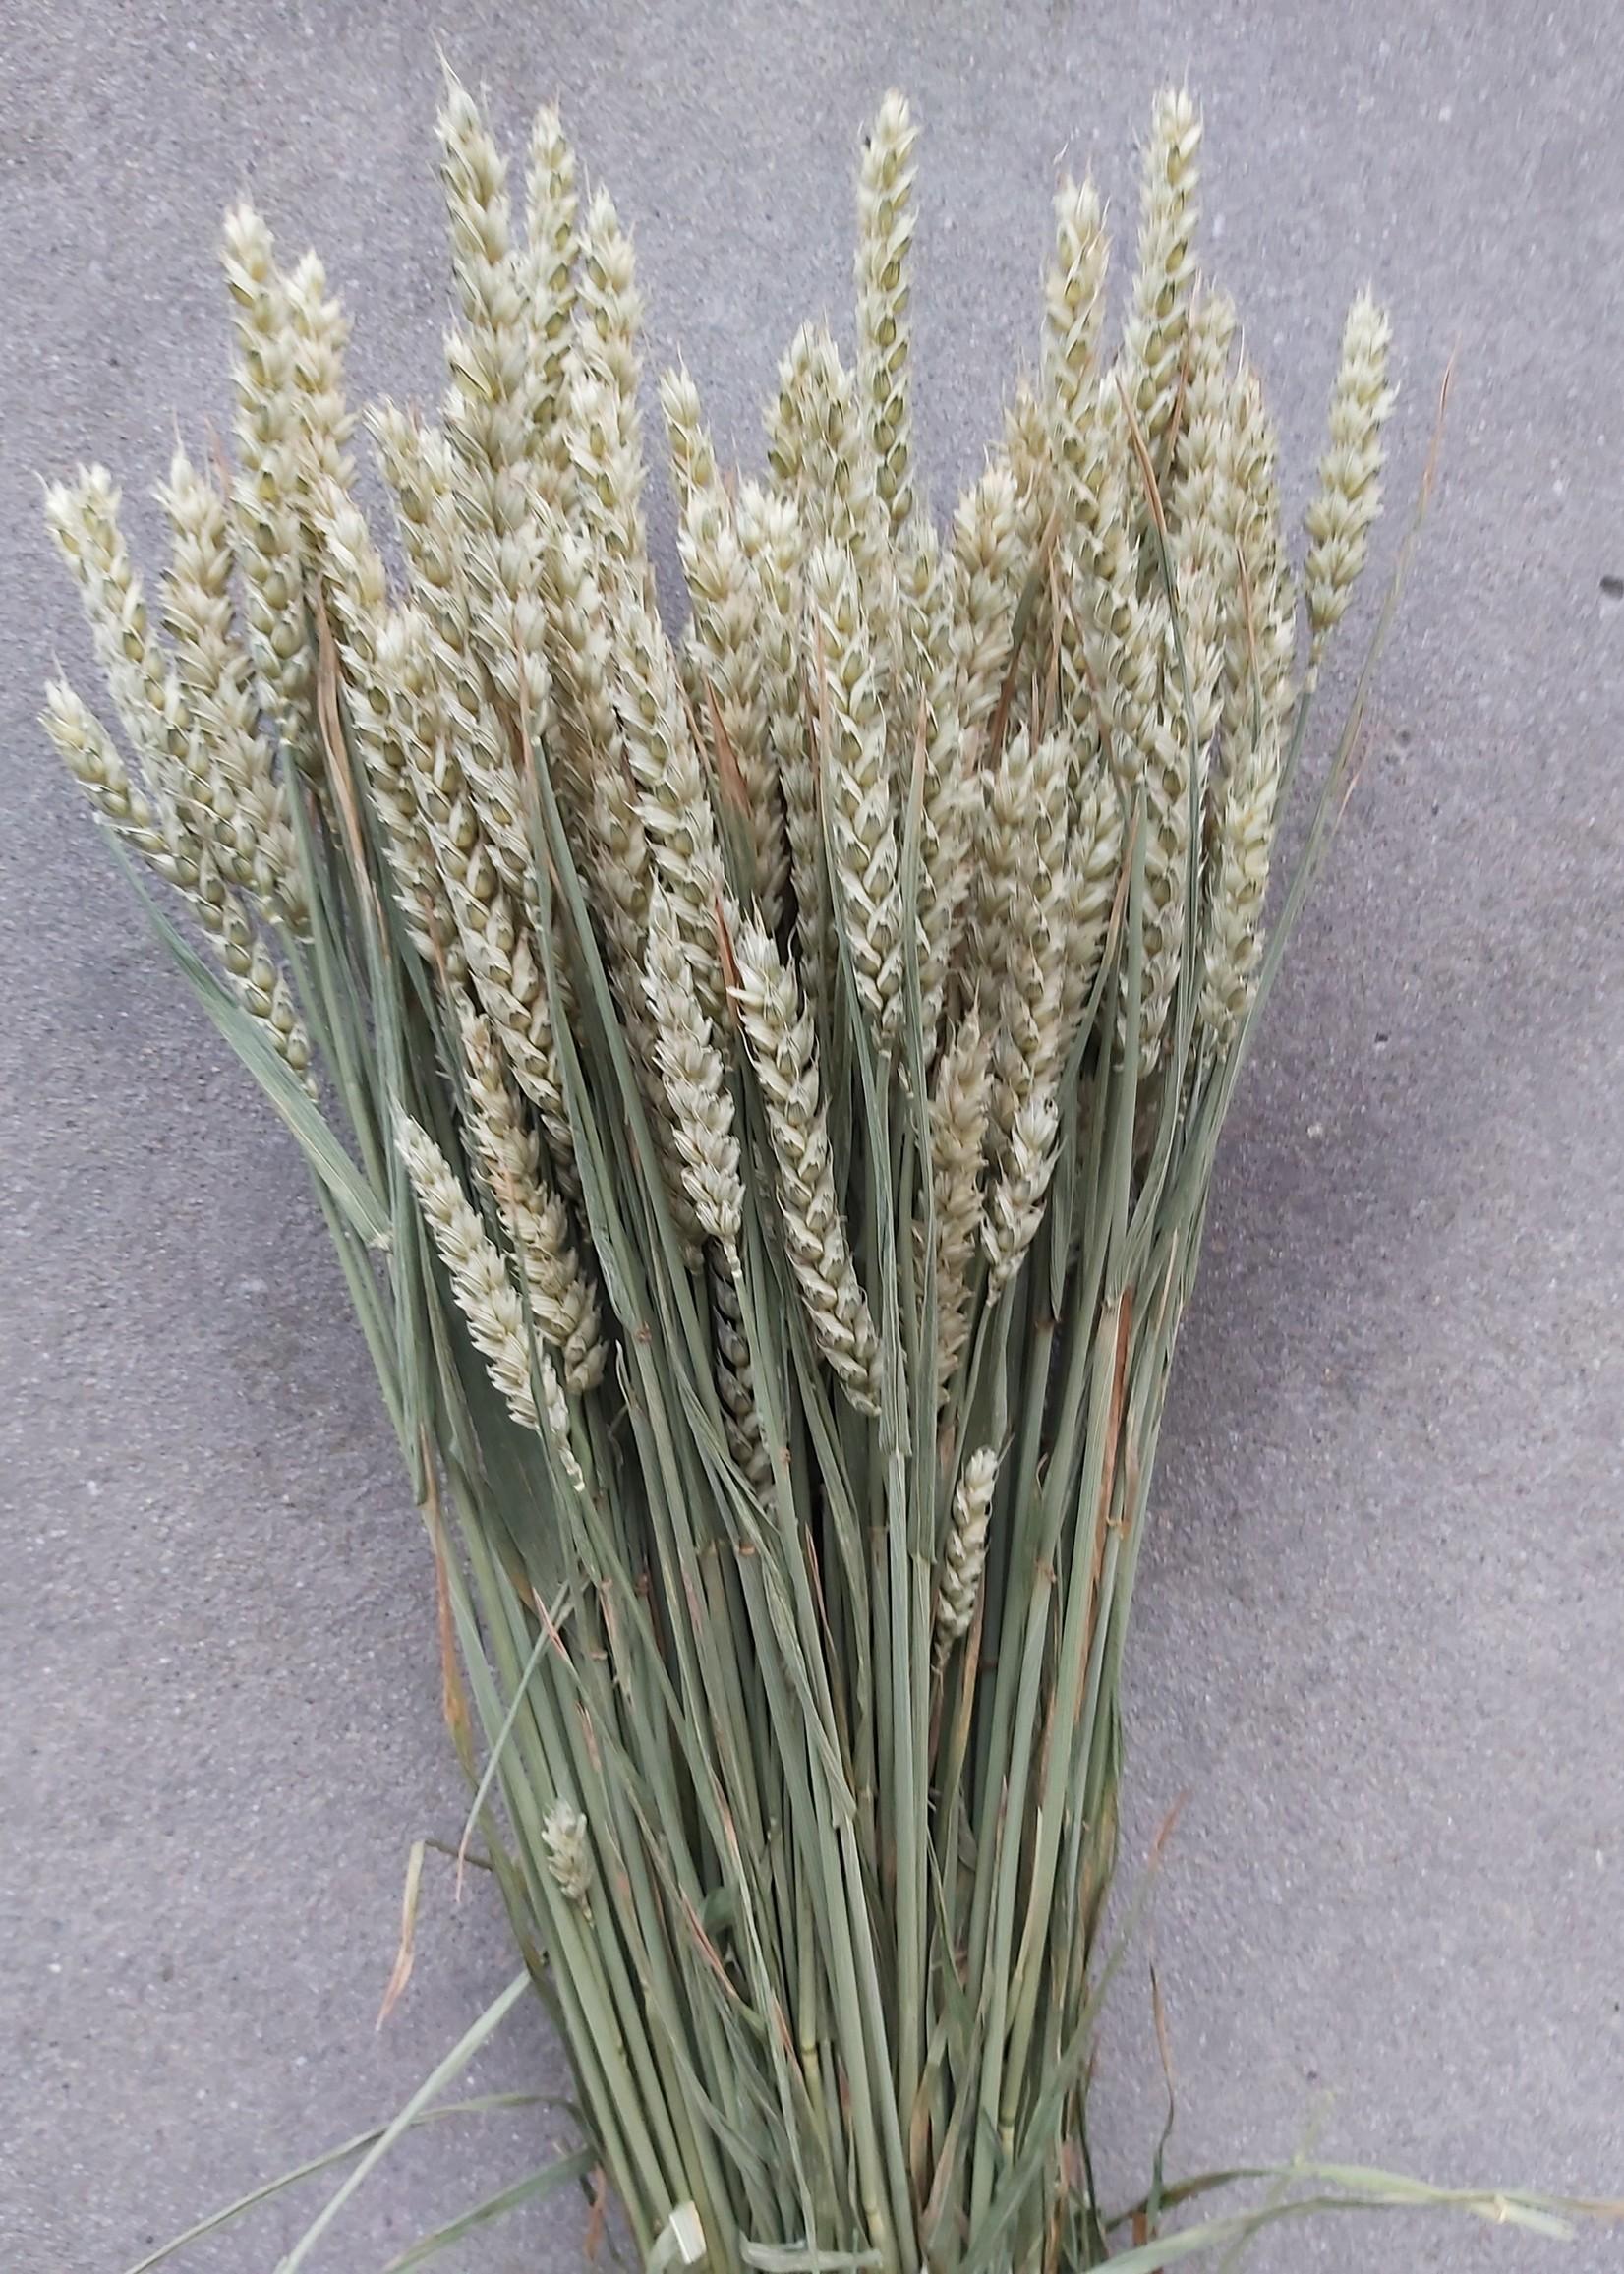 Dried wheat - Triticum - per bunch